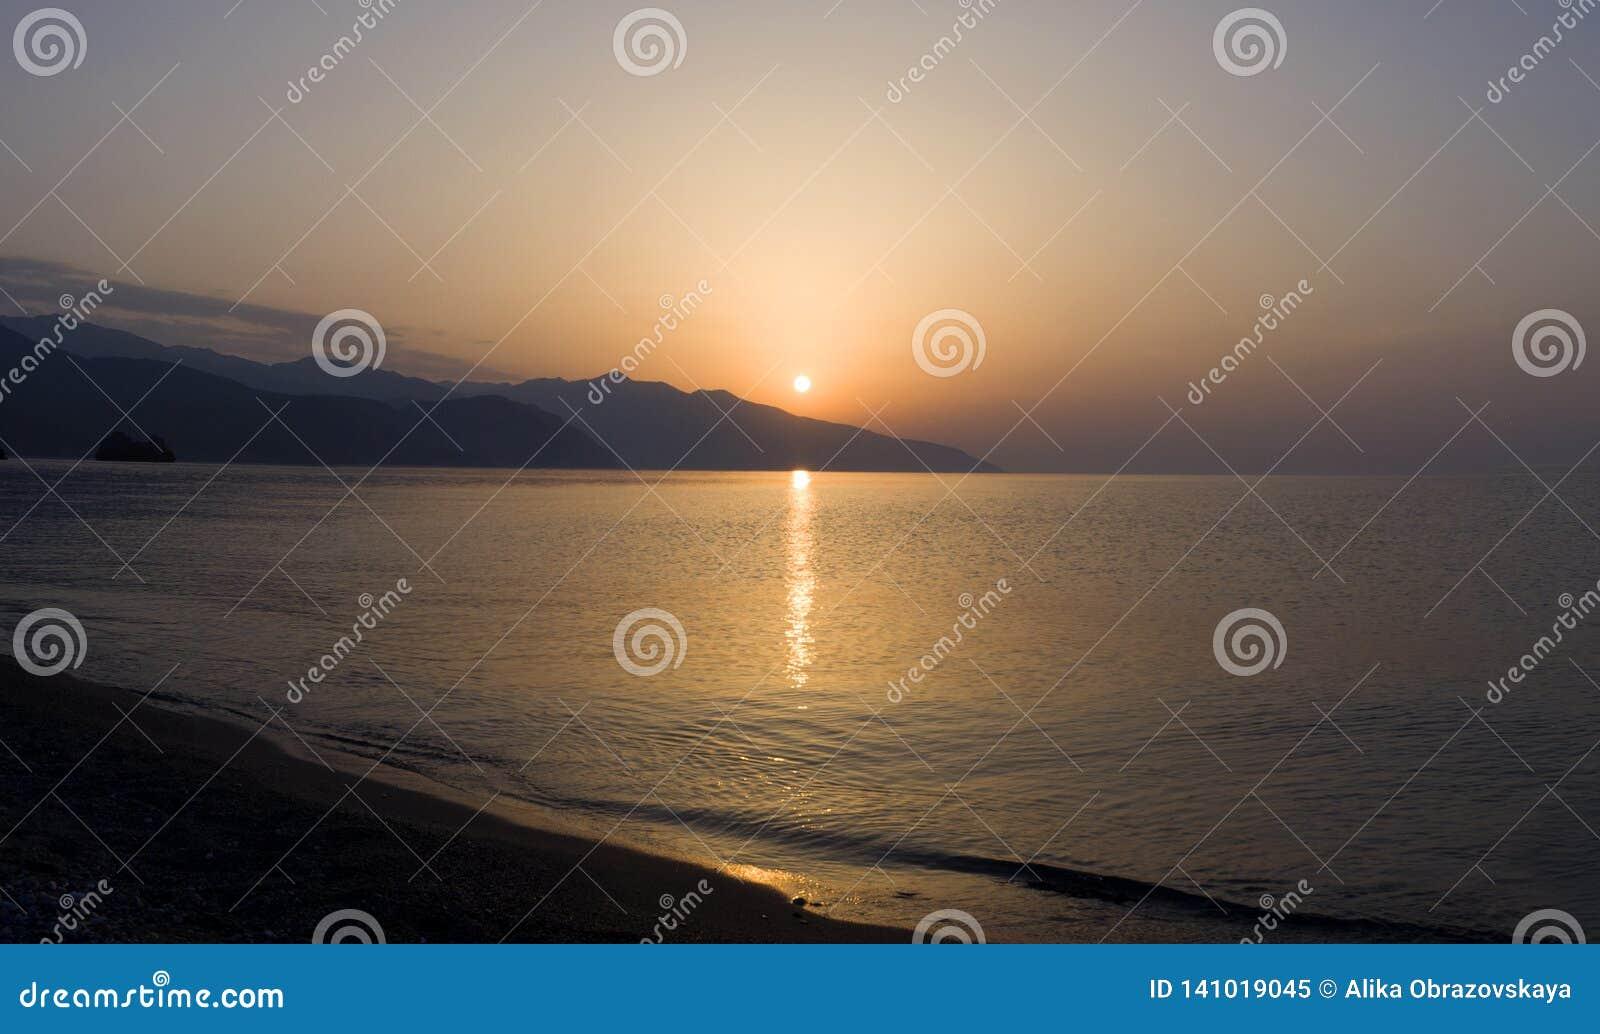 Волны панорамного вида и красивый заход солнца на греческом острове Evia Euboea в Эгейском море